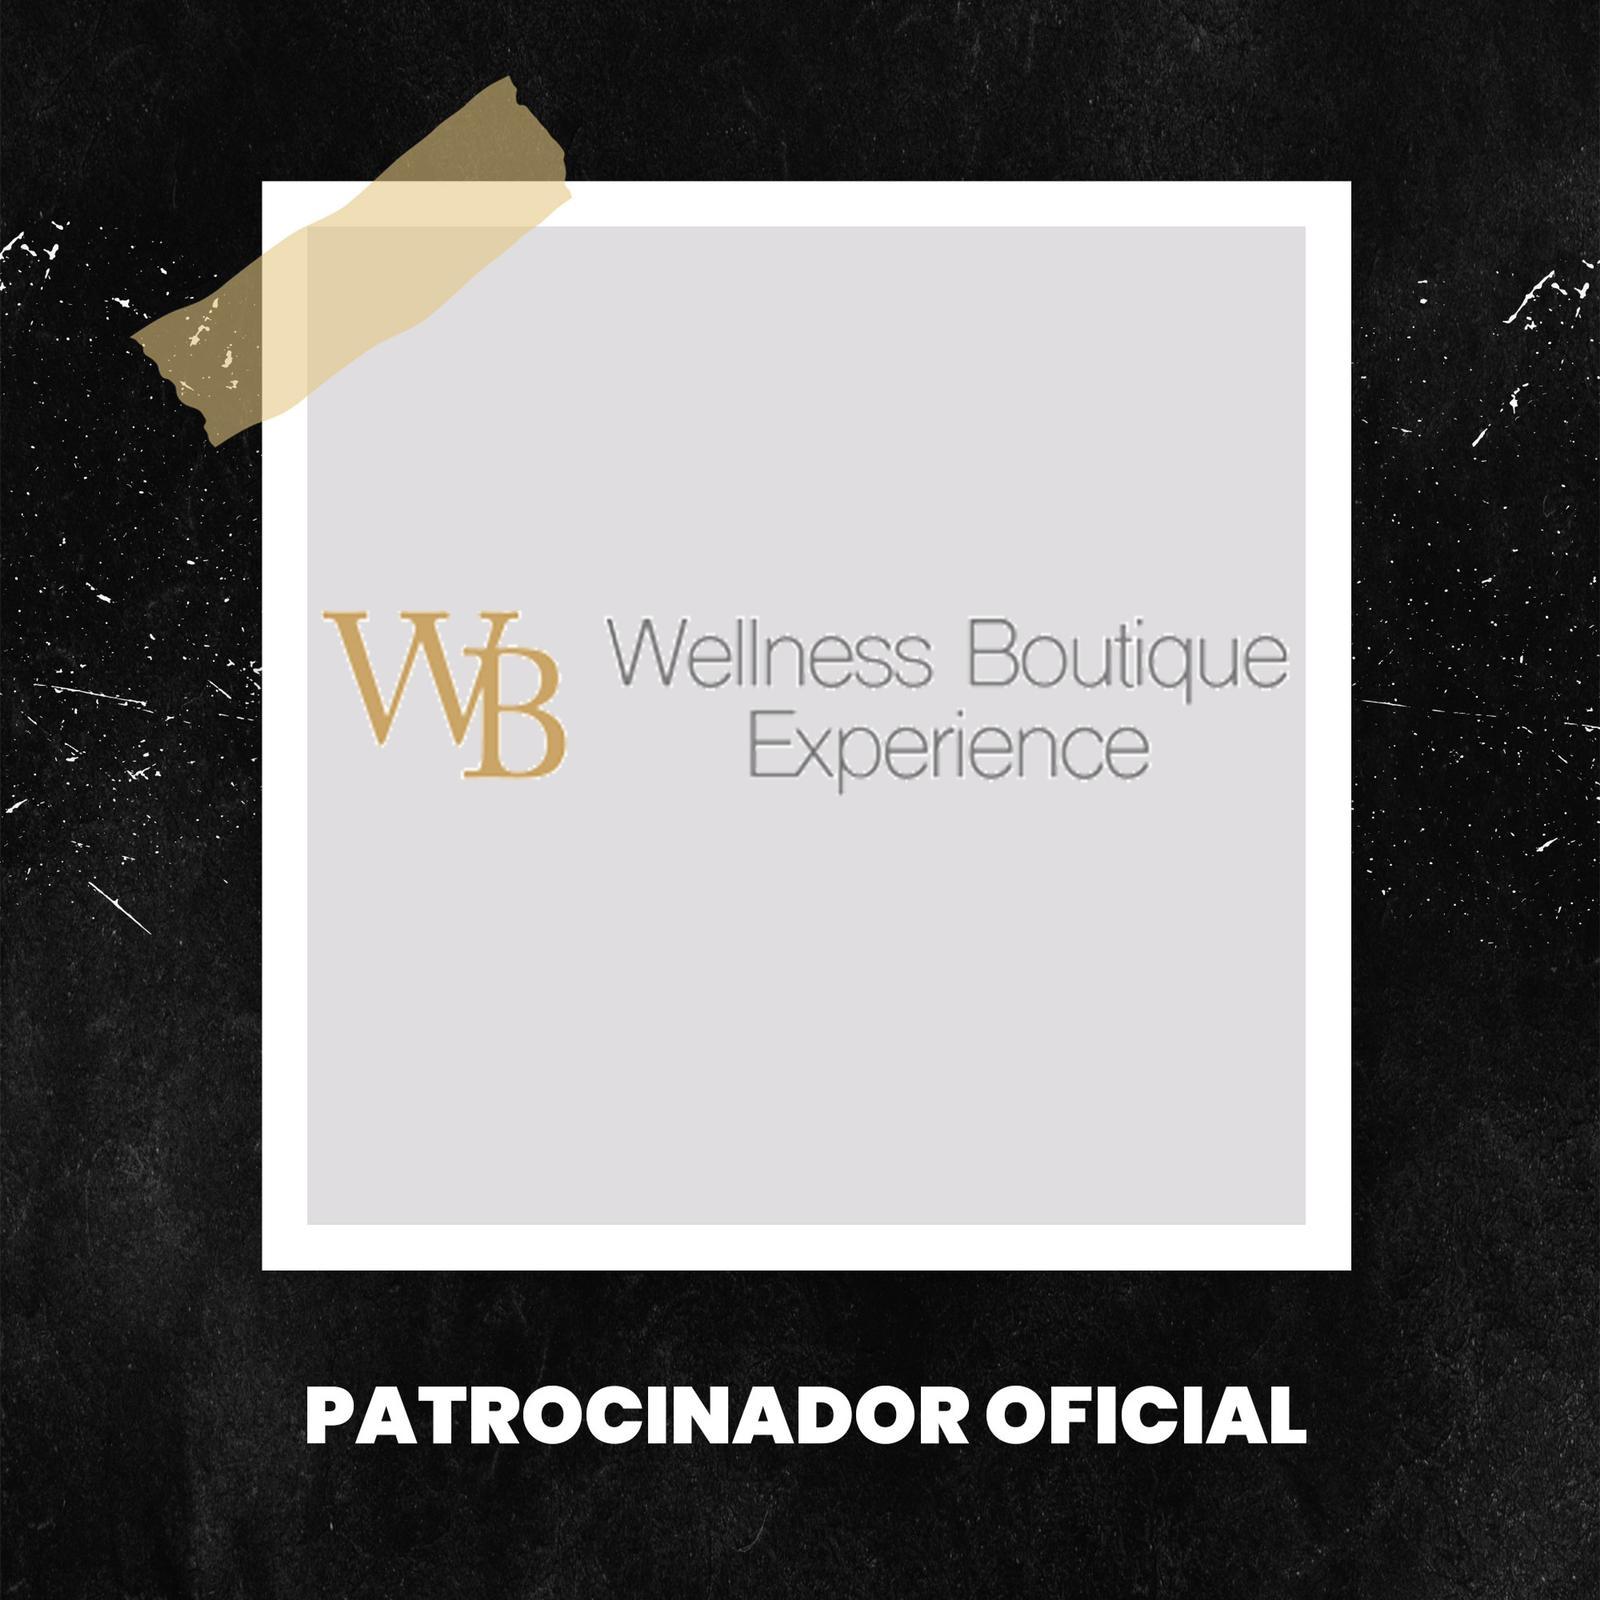 Wellness Boutique